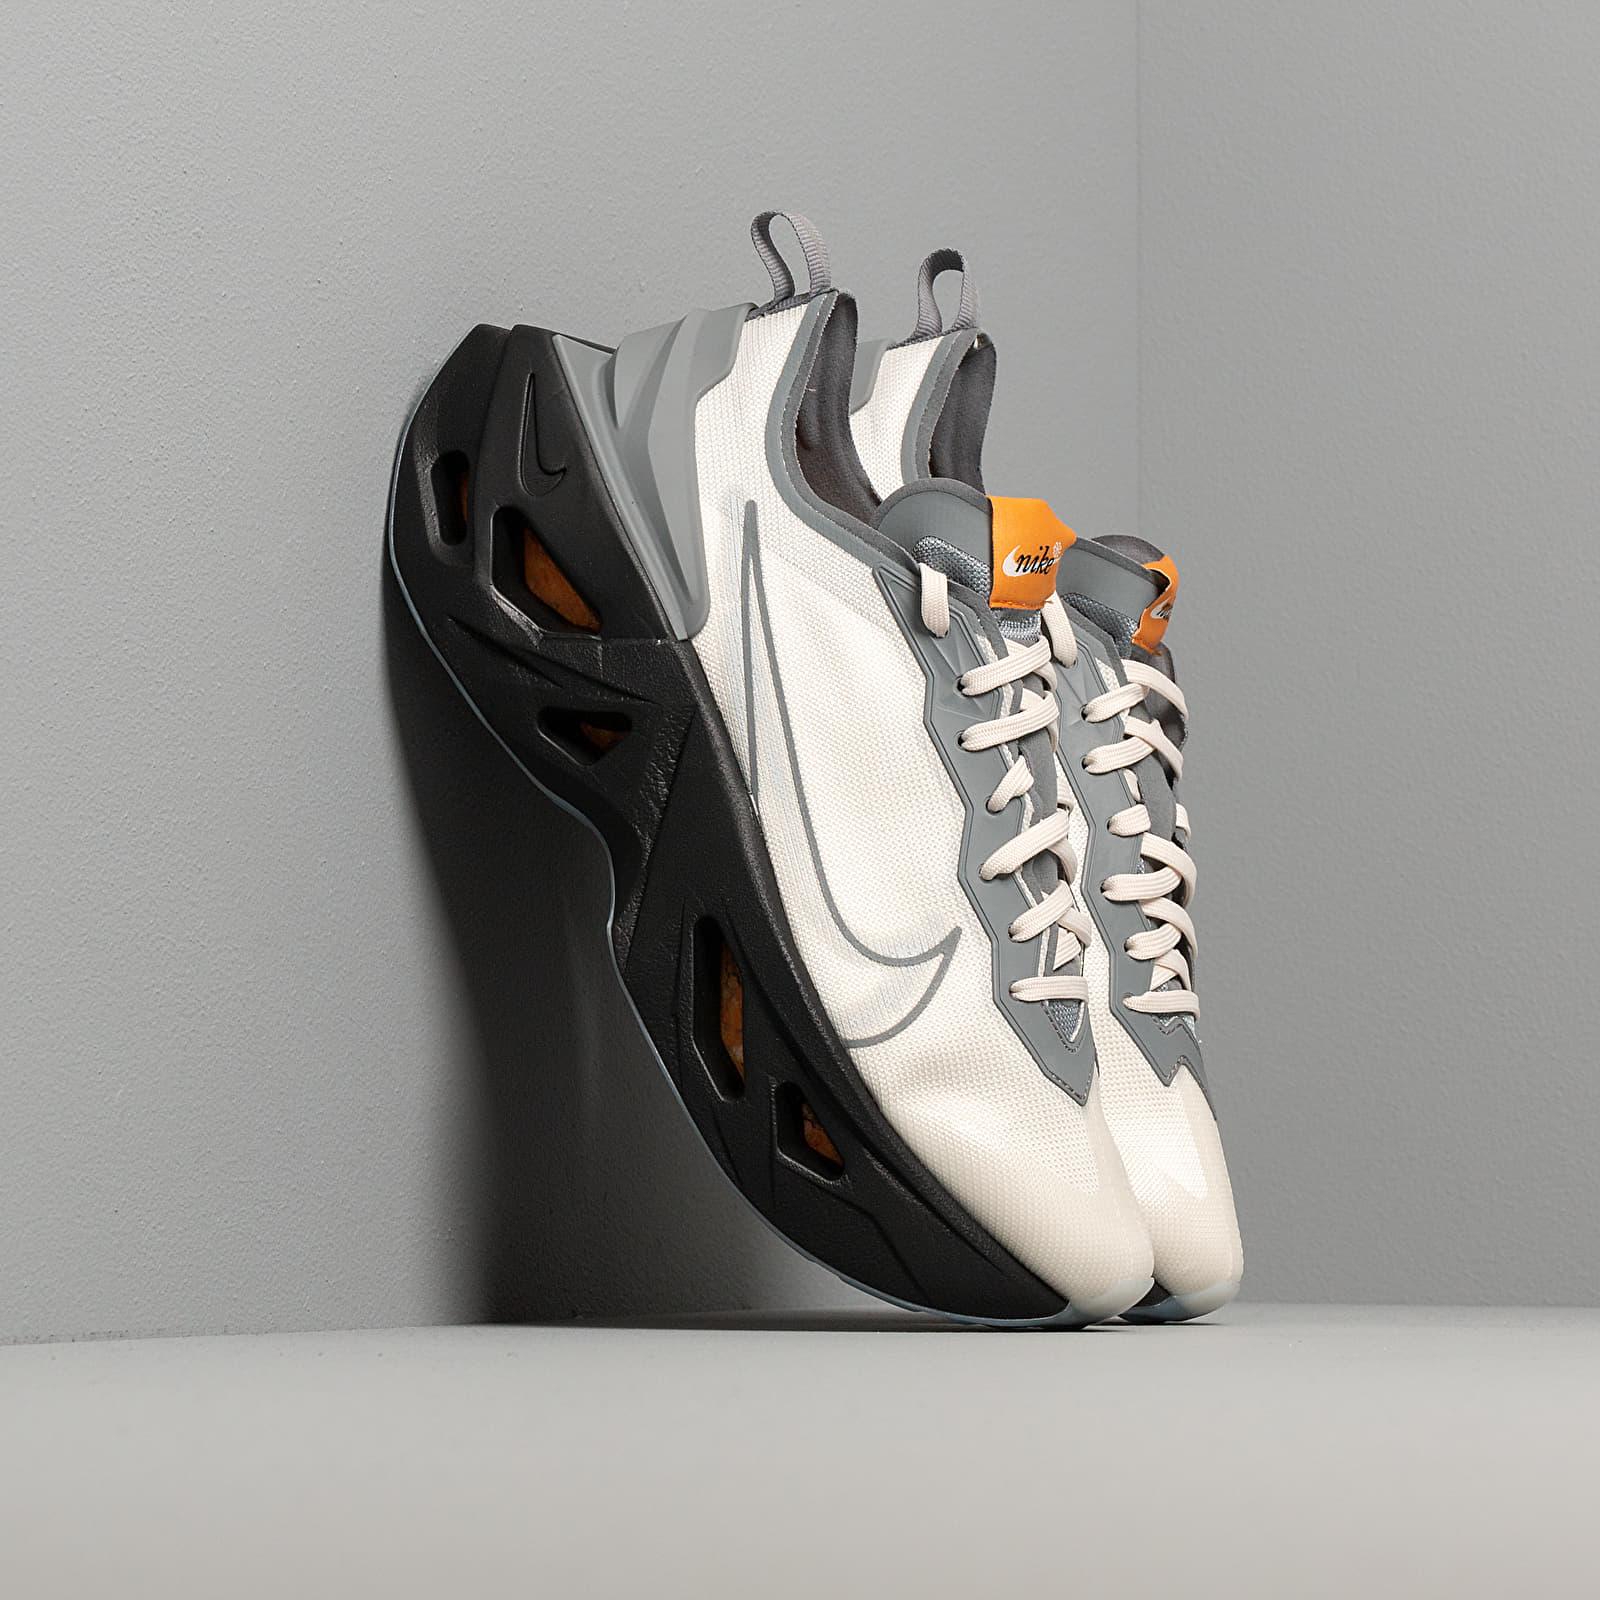 Încălțăminte și sneakerși pentru femei Nike W Zoom X Vista Grind Pale Ivory/ Pale Ivory-Cool Grey-Black